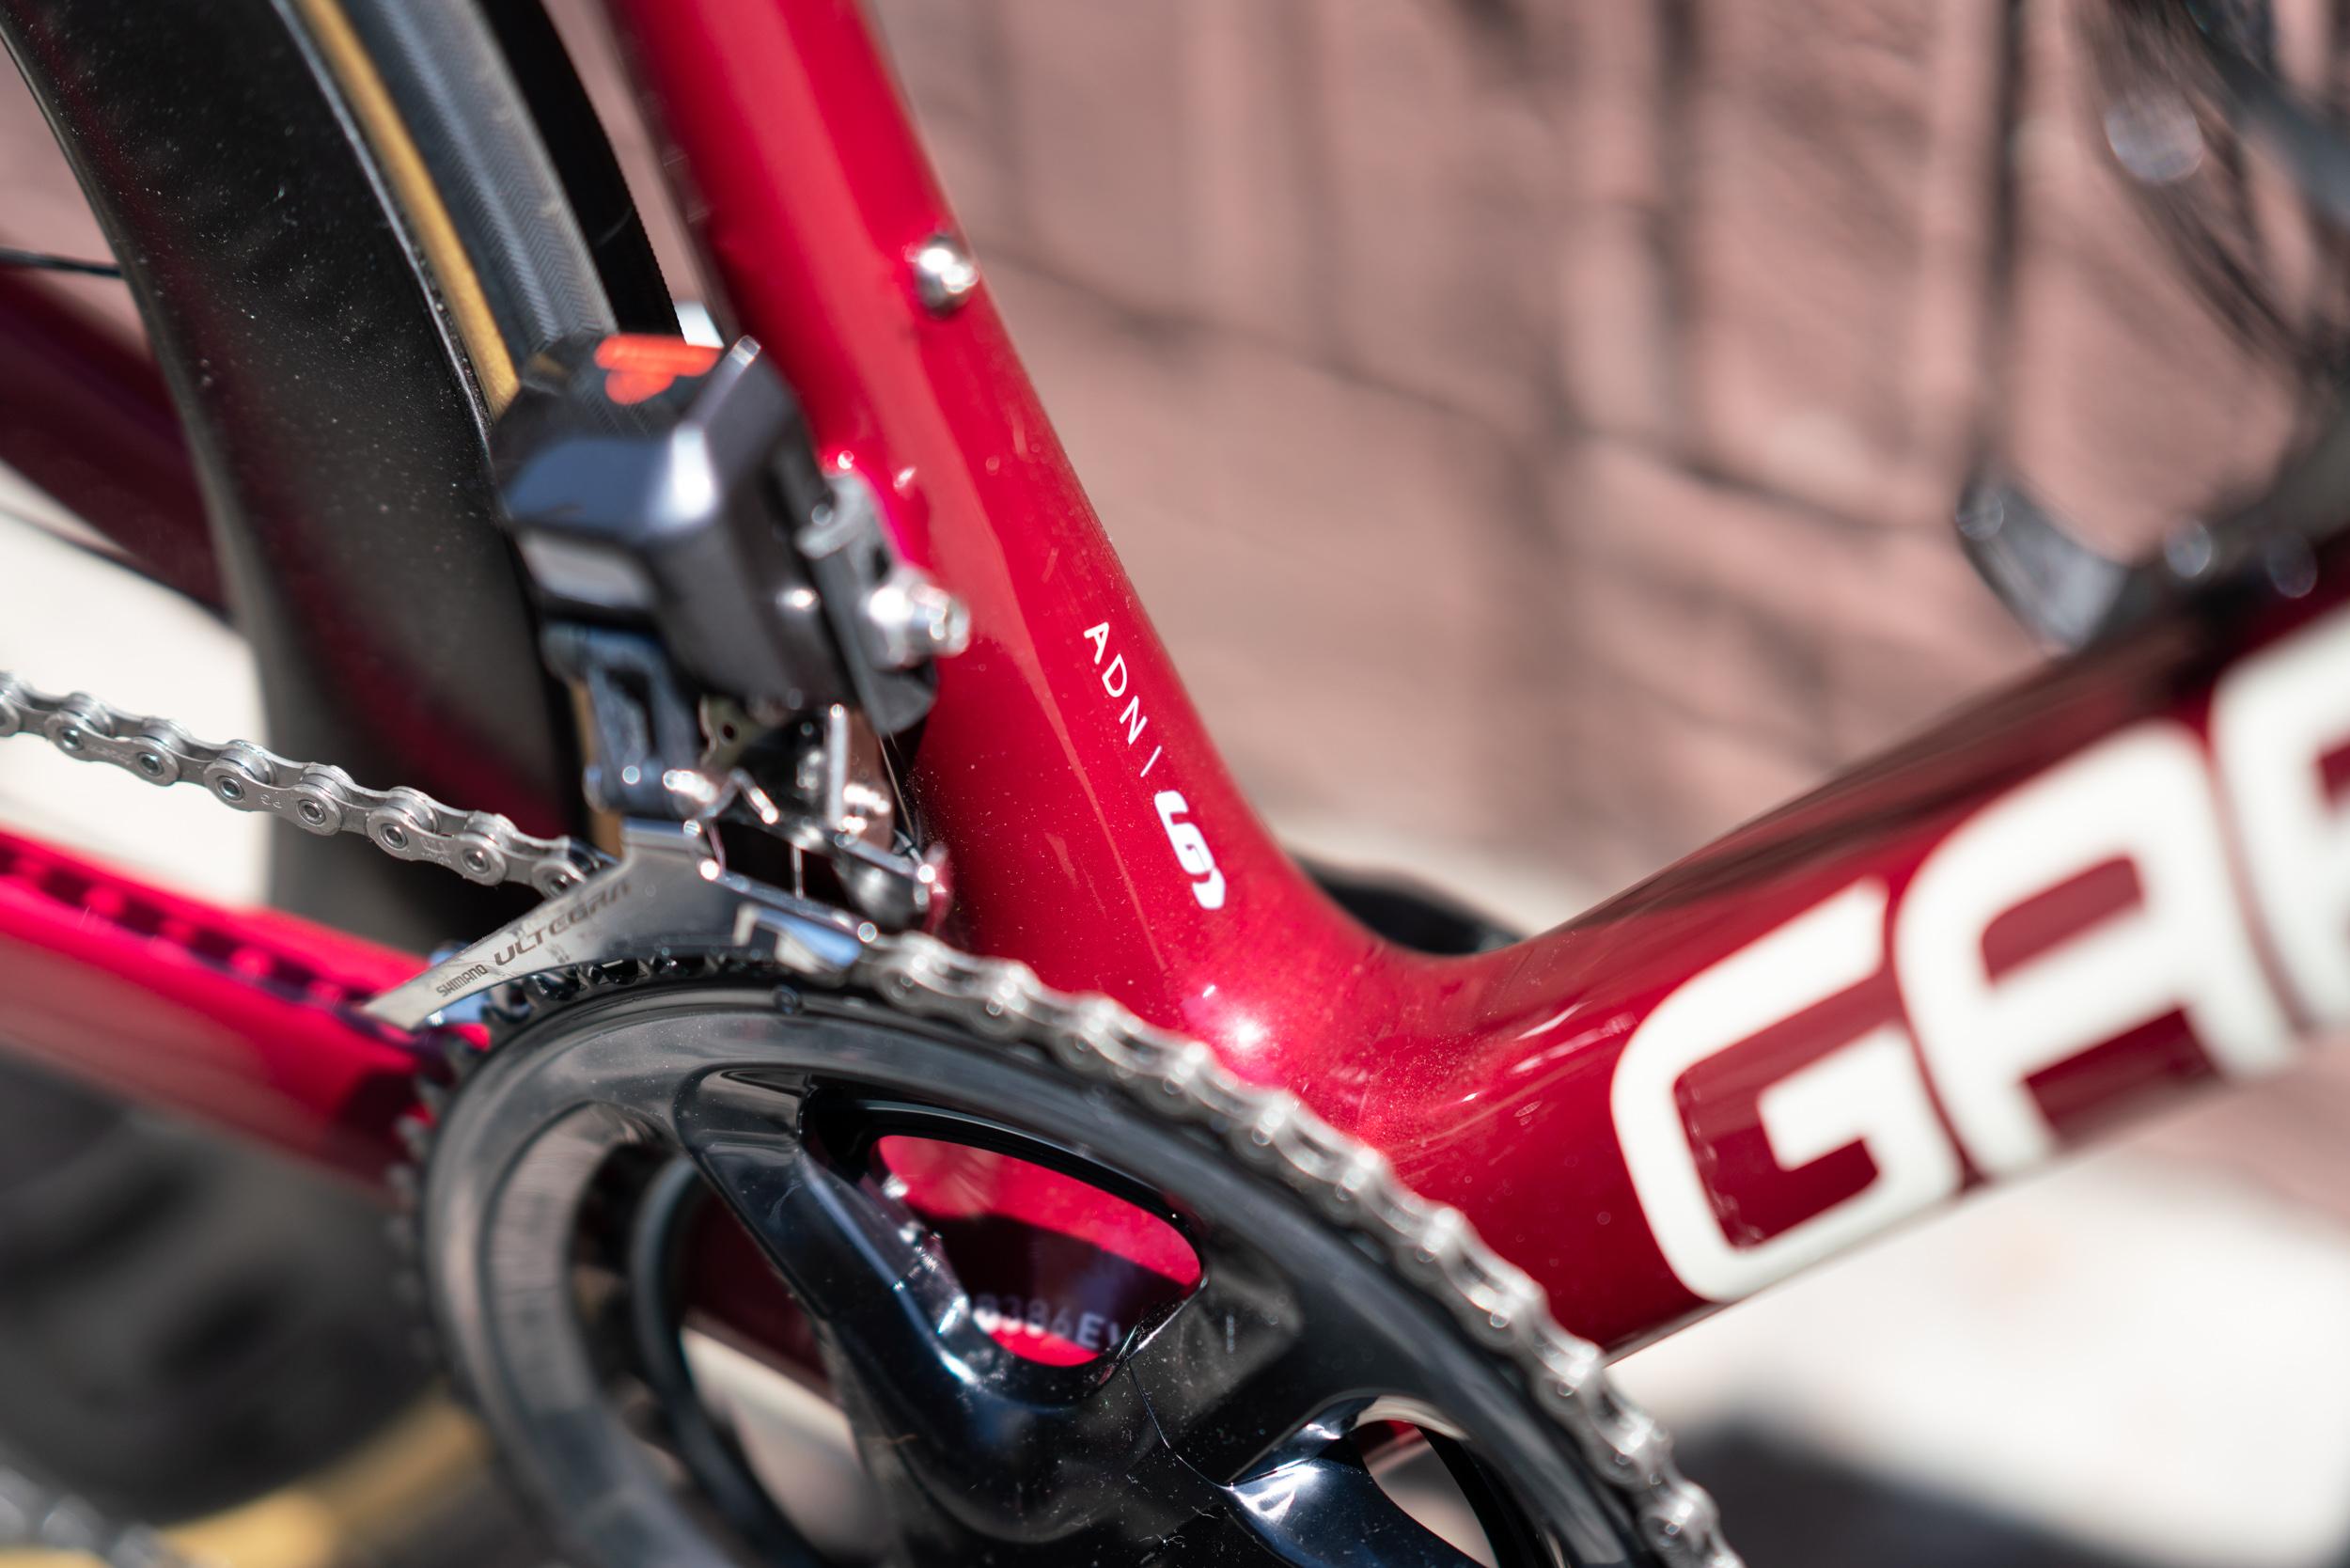 photo-rhetoric-to-be-determined-garneau-d1-blood-bike-1010.jpg